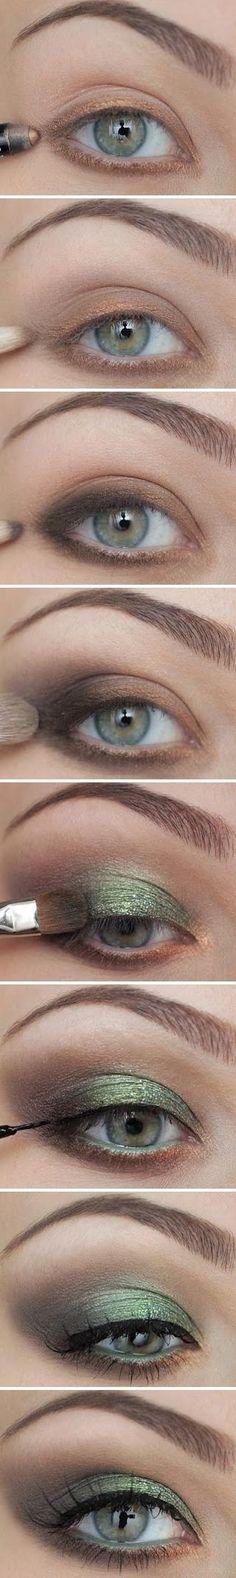 Green eye smoky eye,